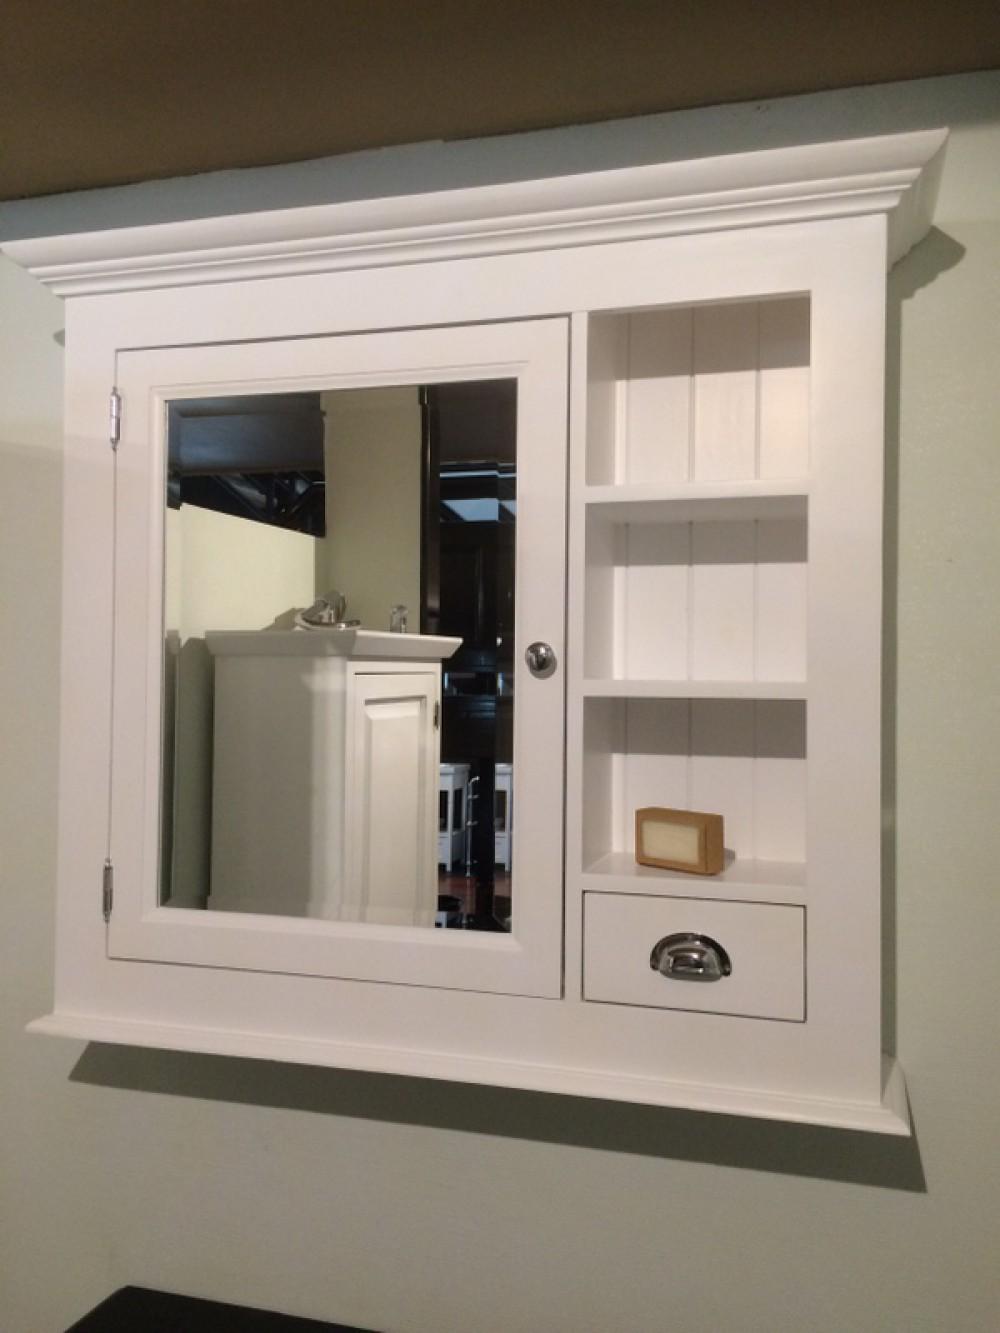 Spiegelschrank weiß im Landhausstil, Spiegel weiß, Breite 98 cm